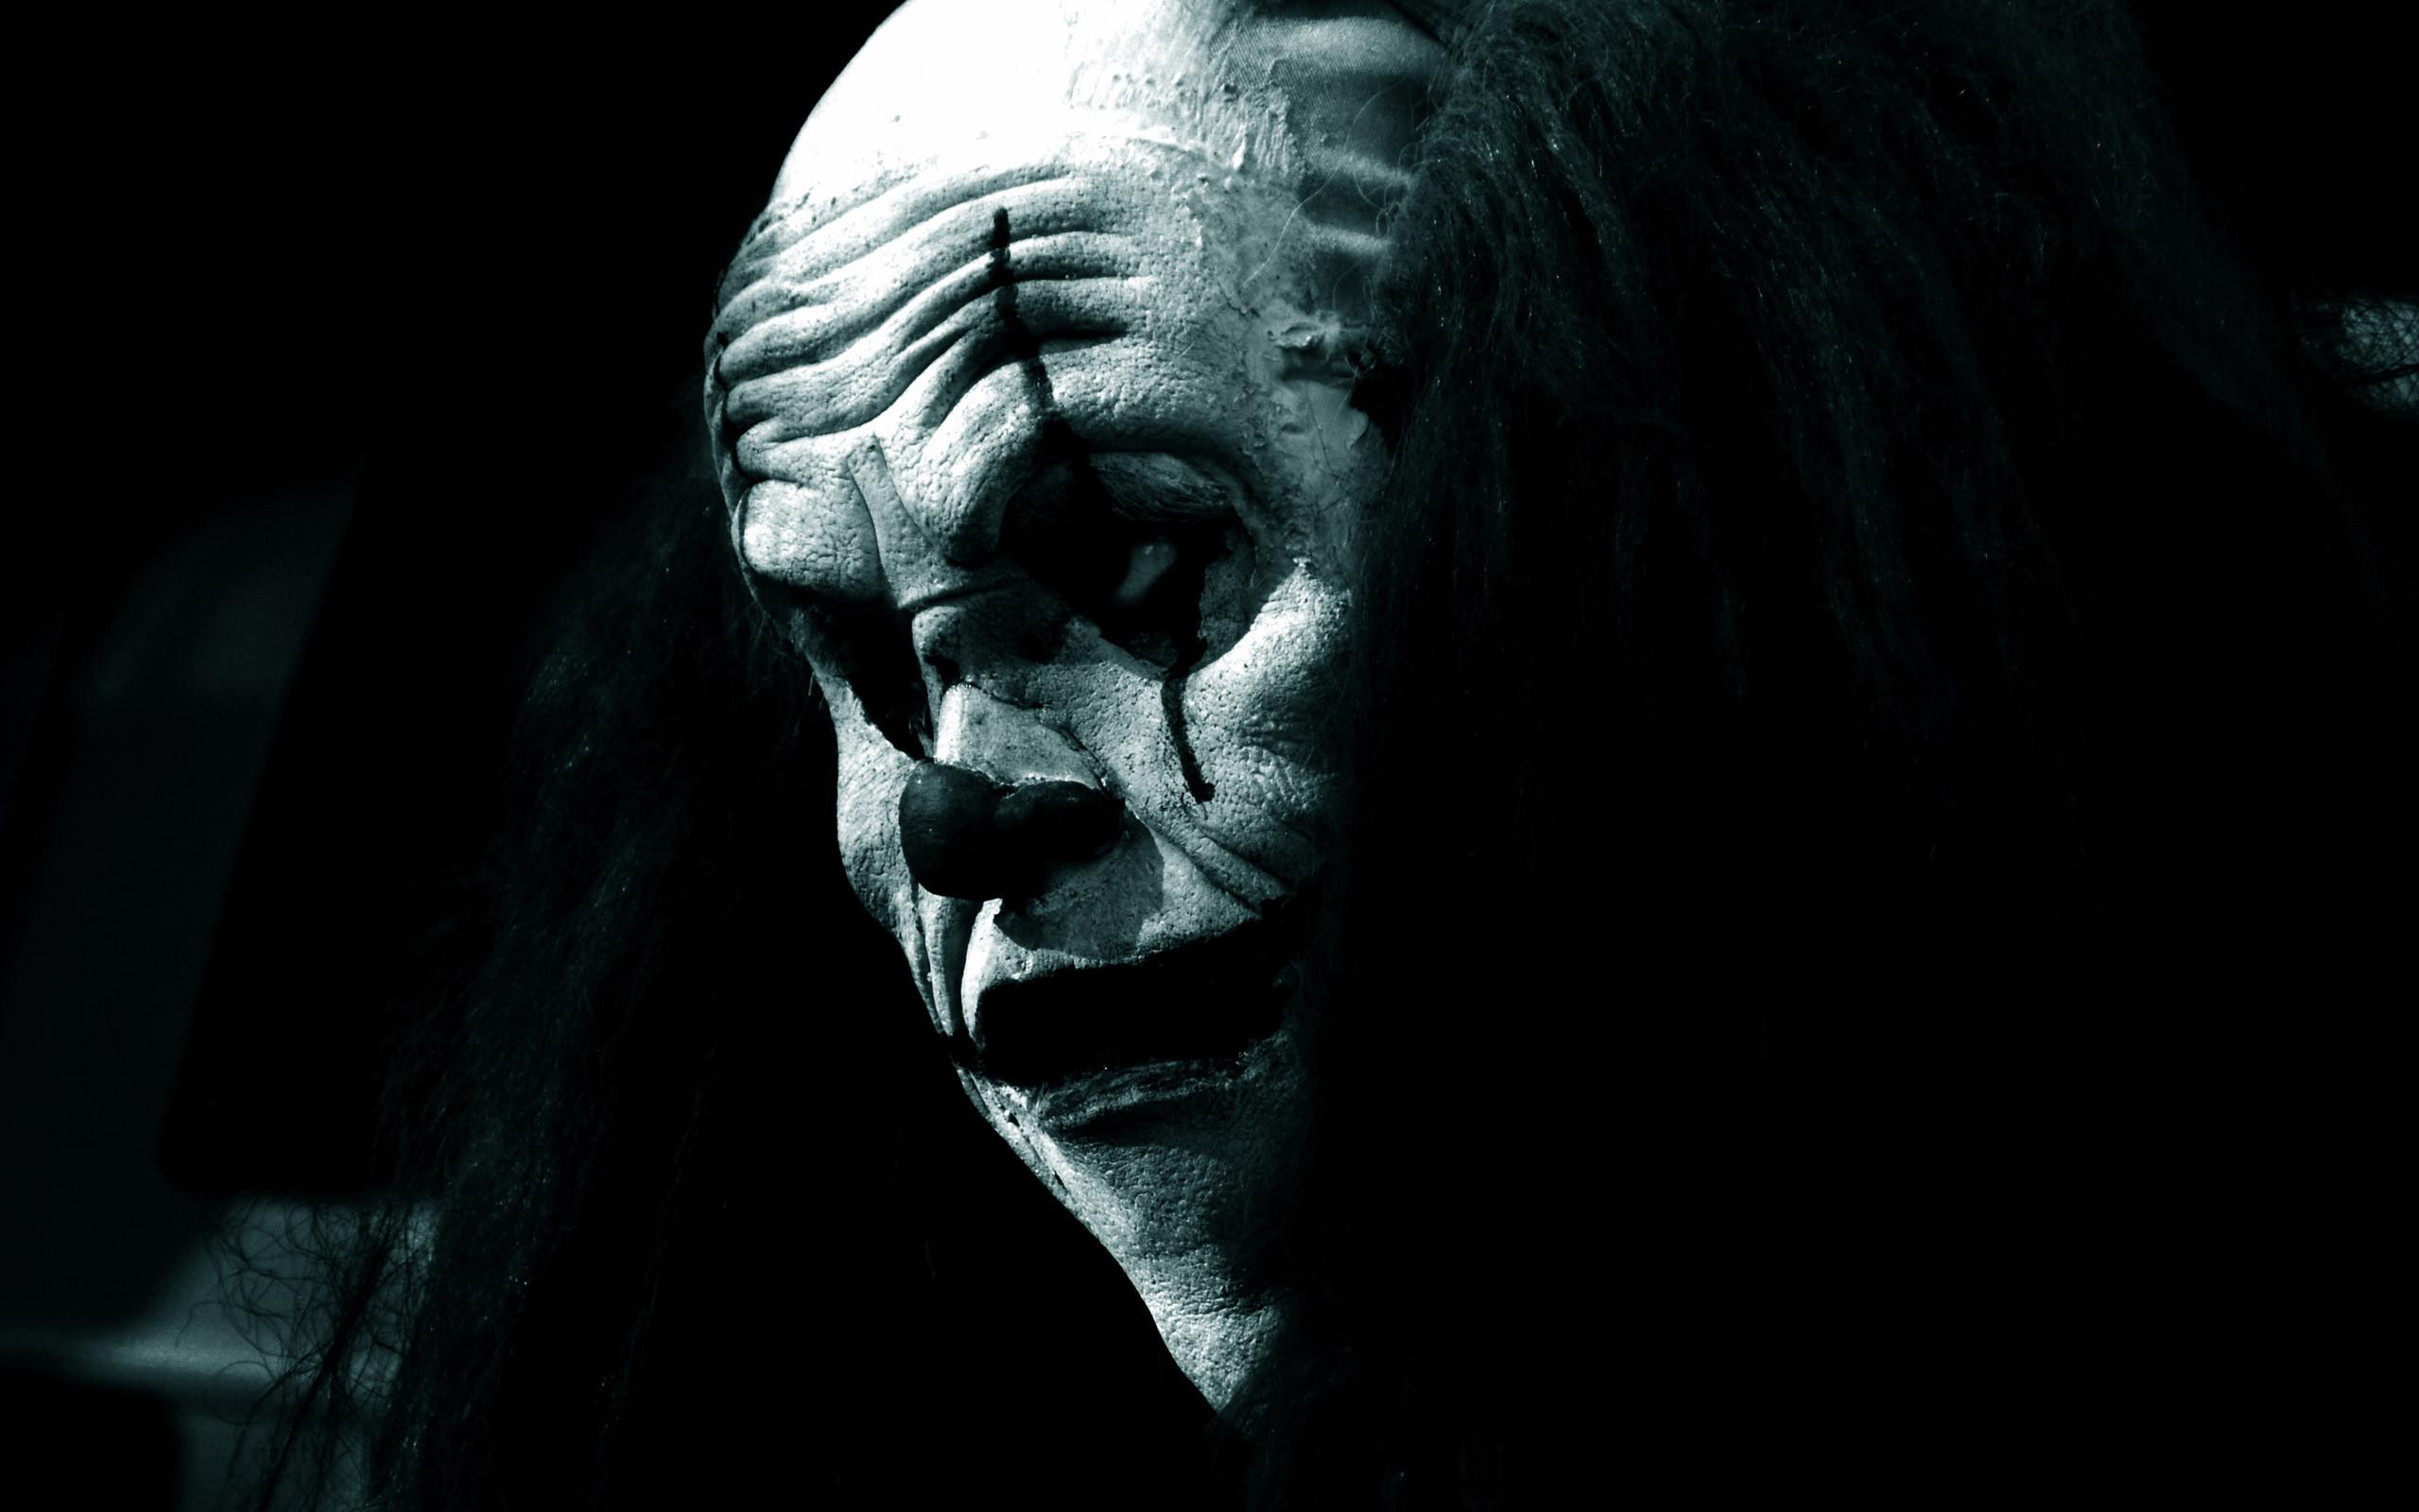 Scary Clown Wallpaper 2560×1600. Wallpapers 3d für Desktop, 3D-Bilder